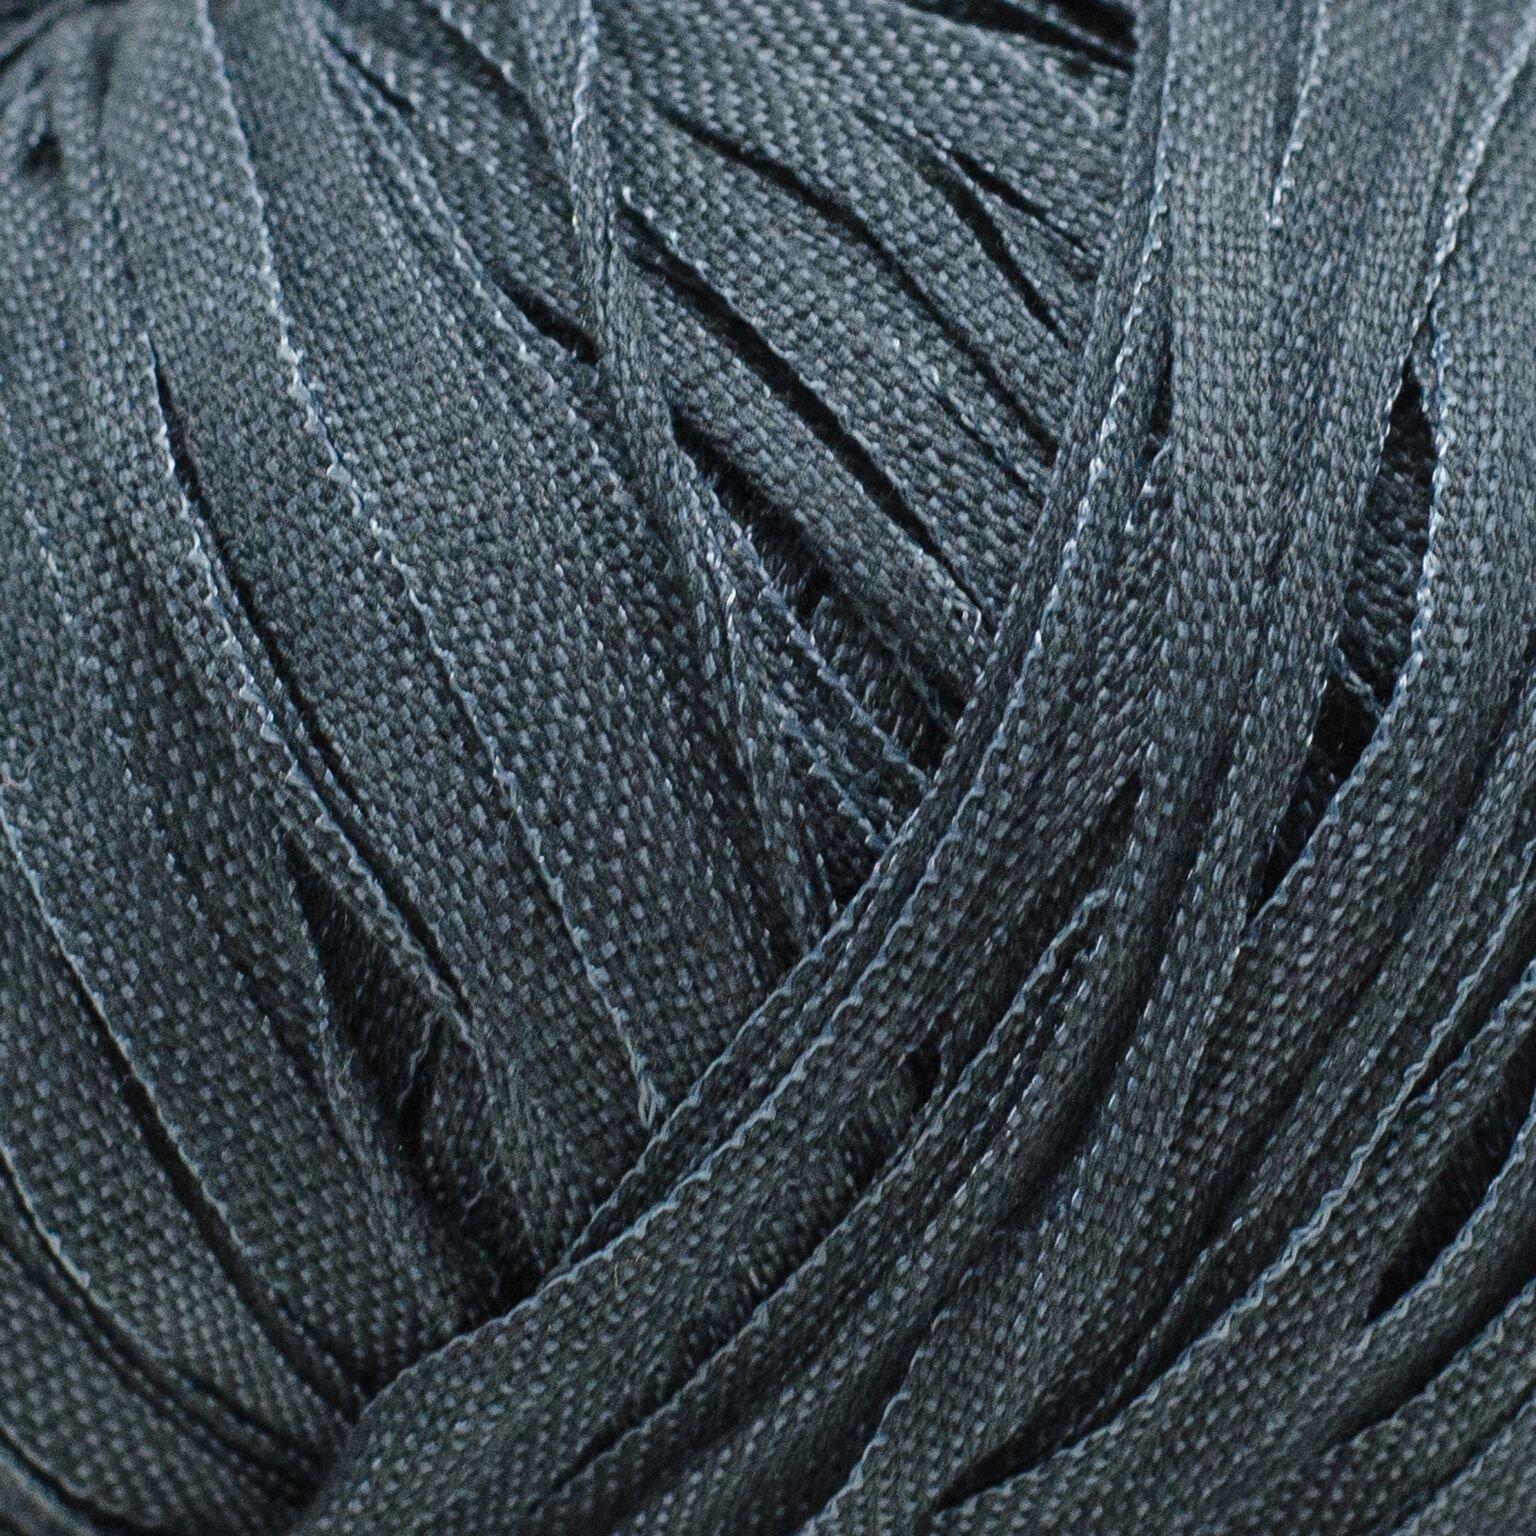 Tahki Stacy Charles Skinny Jeans Yarn